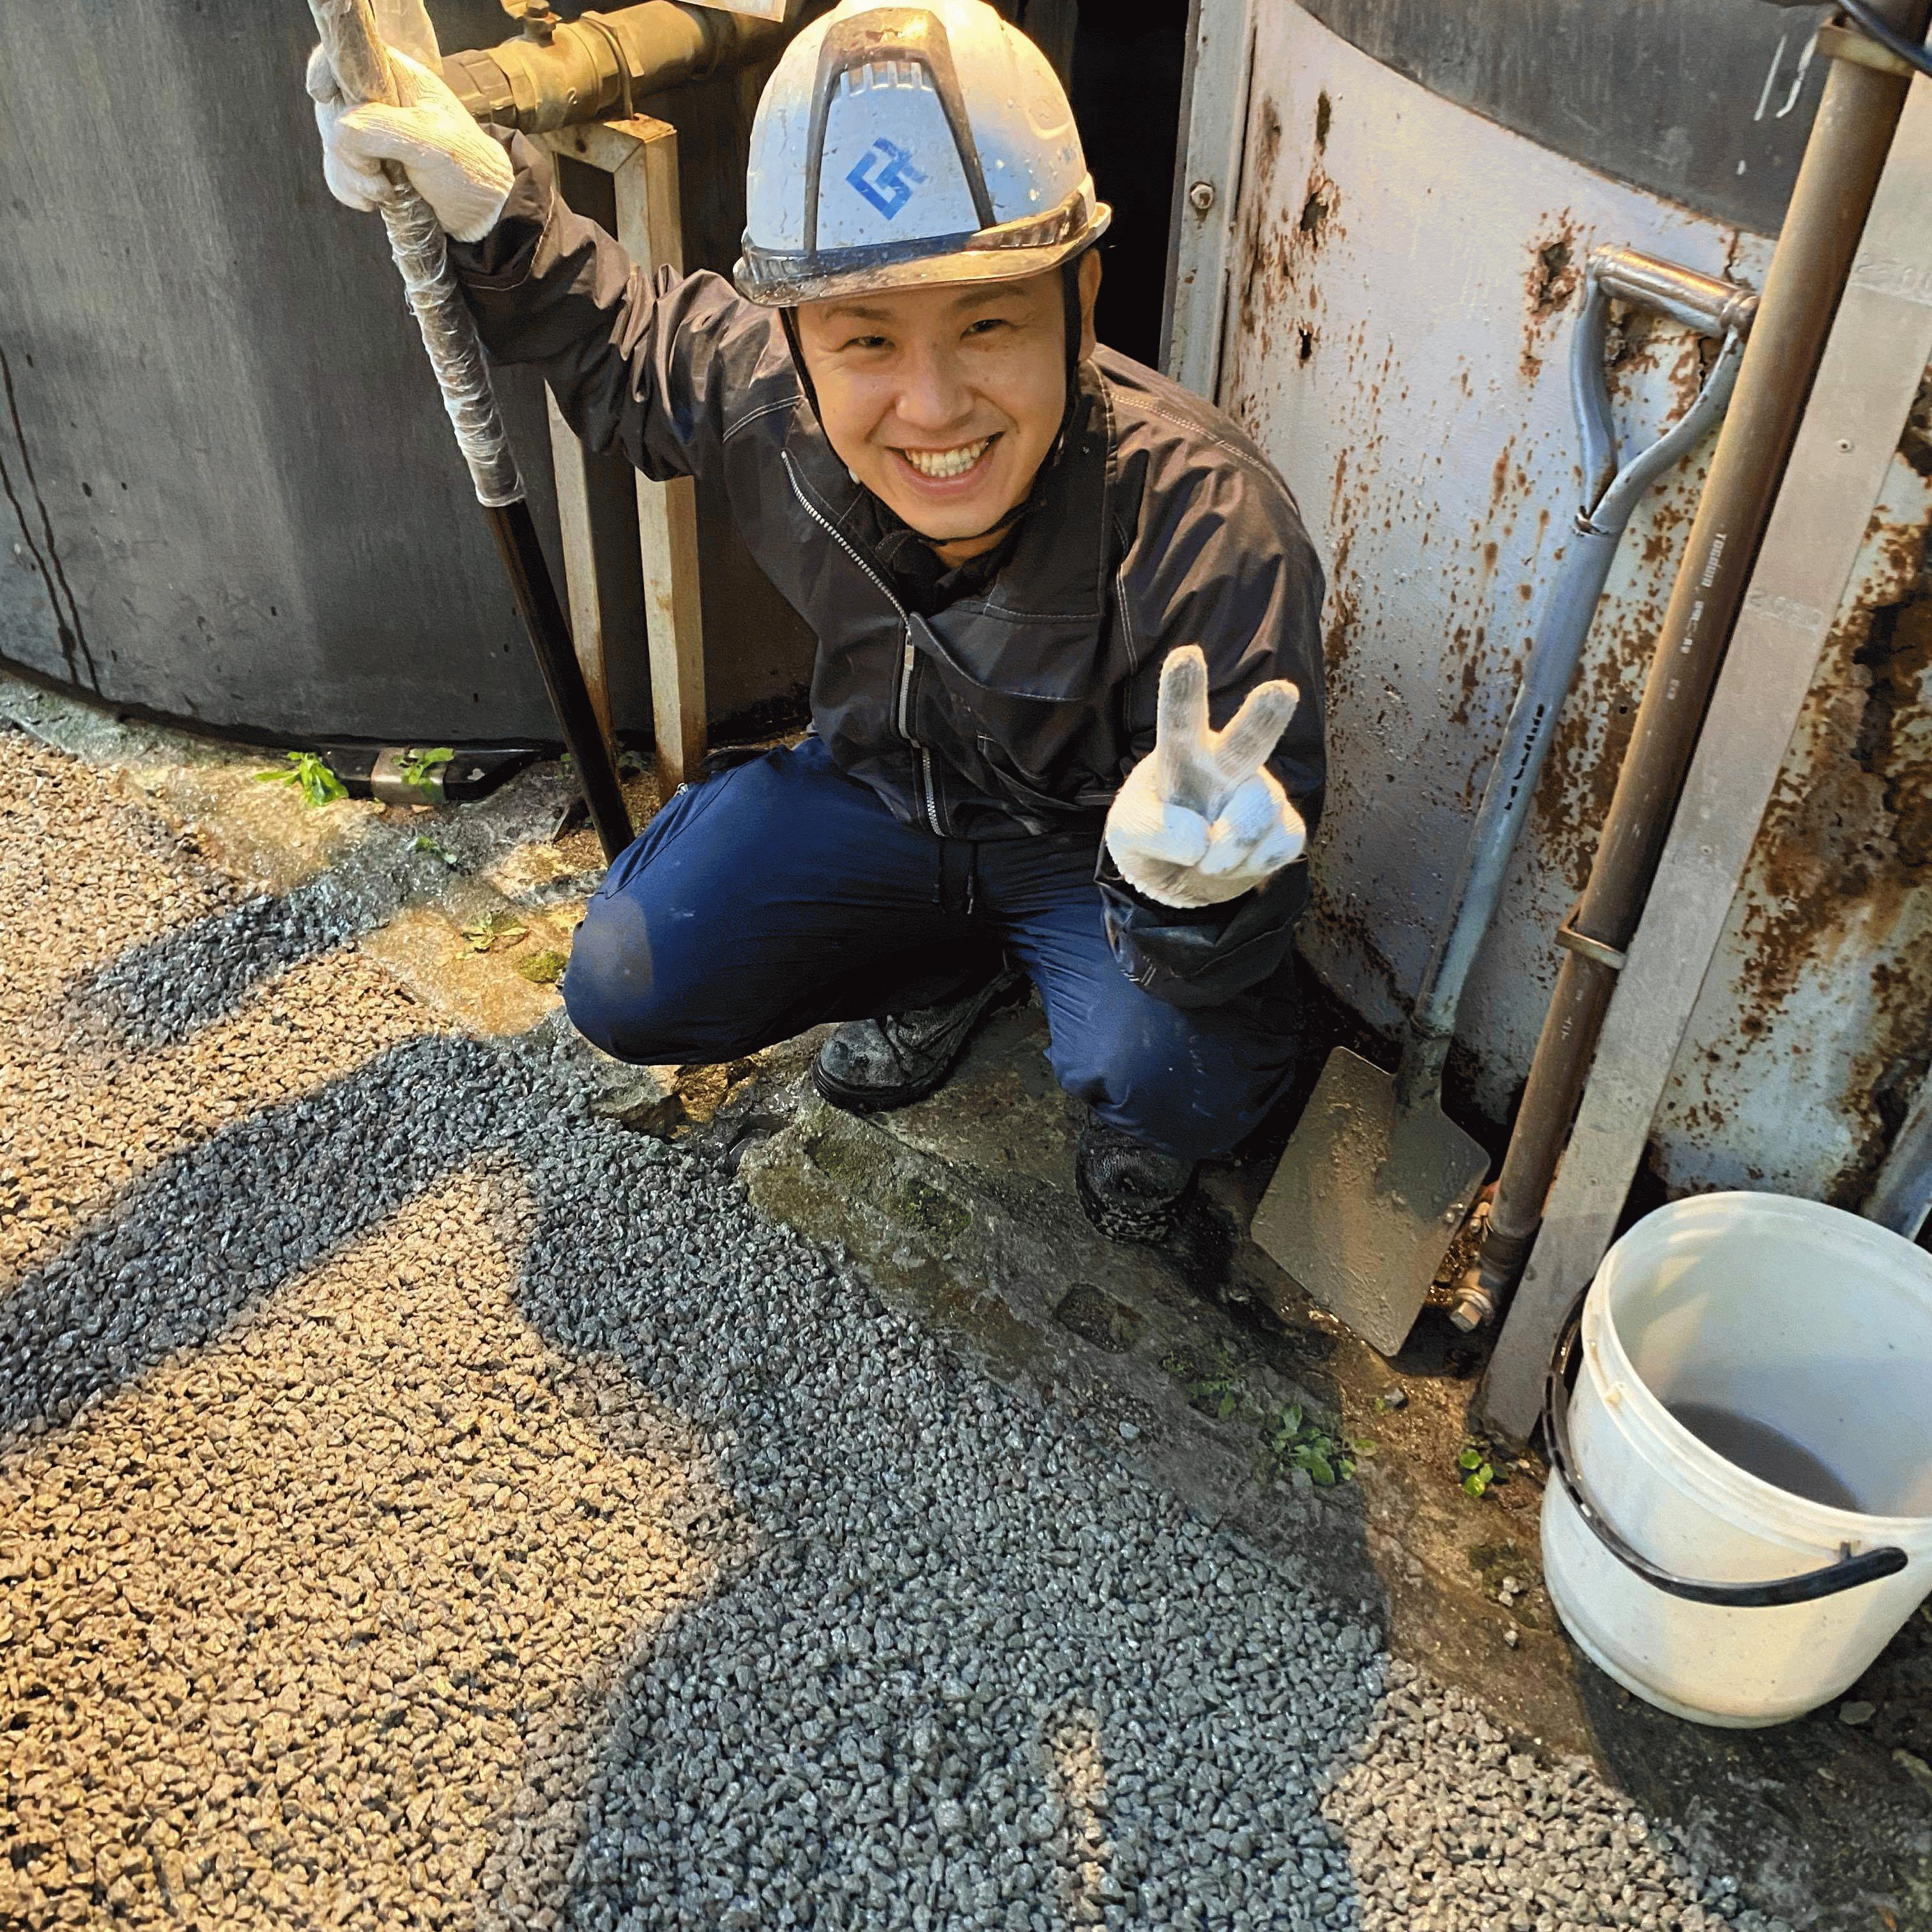 【京都】「製造に30分かかるって聞いてたけど全くそんなことなかった」トーカイコンクリート